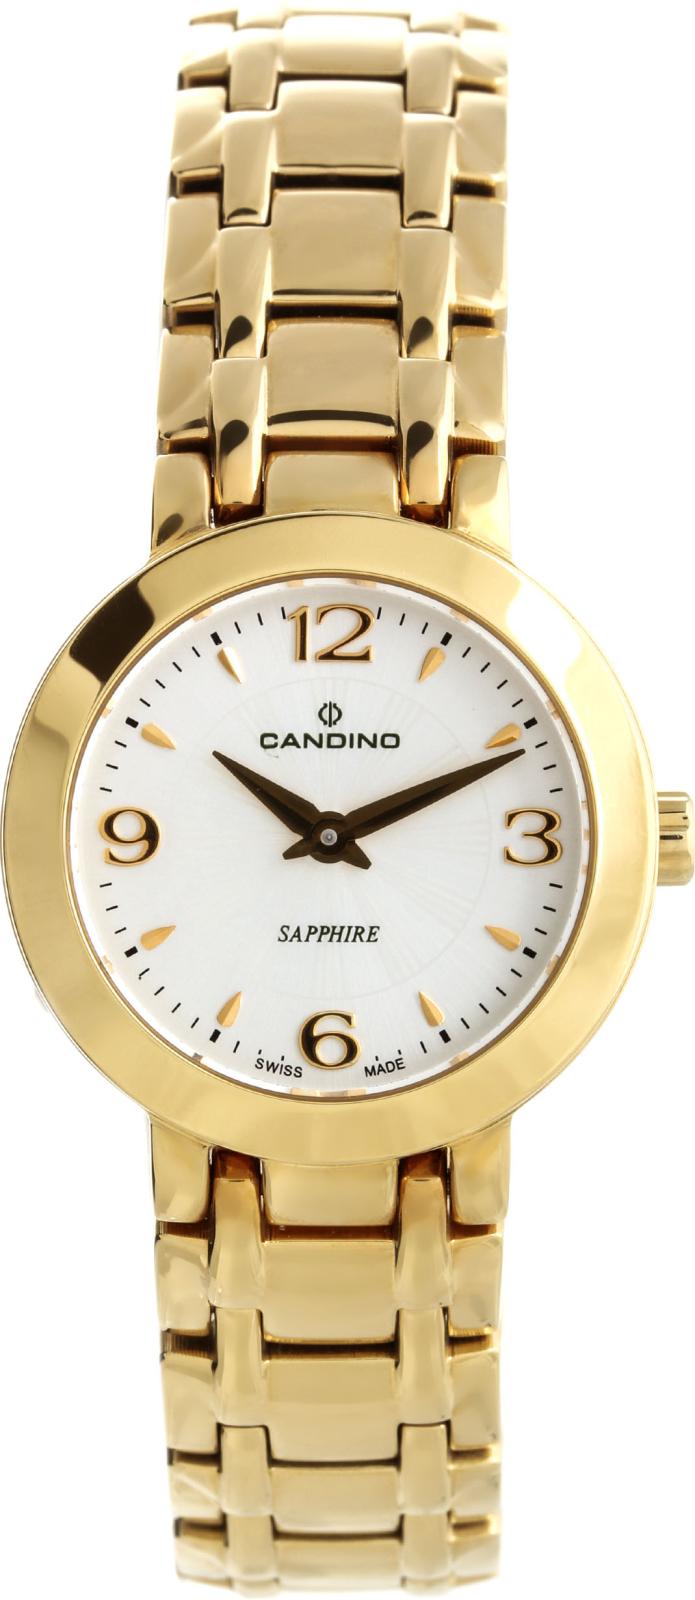 Candino Elegance C4501/1Наручные часы<br>Швейцарские часы Candino Elegance C4501/1Часы входят в модельный ряд коллекции Elegance. Это великолепные женские часы. Материал корпуса часов — сталь+золото. Циферблат часов защищает сапфировое стекло. Водозащита этой модели 50 м. Основной цвет циферблата белый. Циферблат часов содержит часы, минуты. Часы обладают корпусом 26мм.<br><br>Пол: Женские<br>Страна-производитель: Швейцария<br>Механизм: Кварцевый<br>Материал корпуса: Сталь<br>Материал ремня/браслета: Сталь<br>Водозащита, диапазон: 20 - 100 м<br>Стекло: Сапфировое<br>Толщина корпуса: None<br>Стиль: Классика